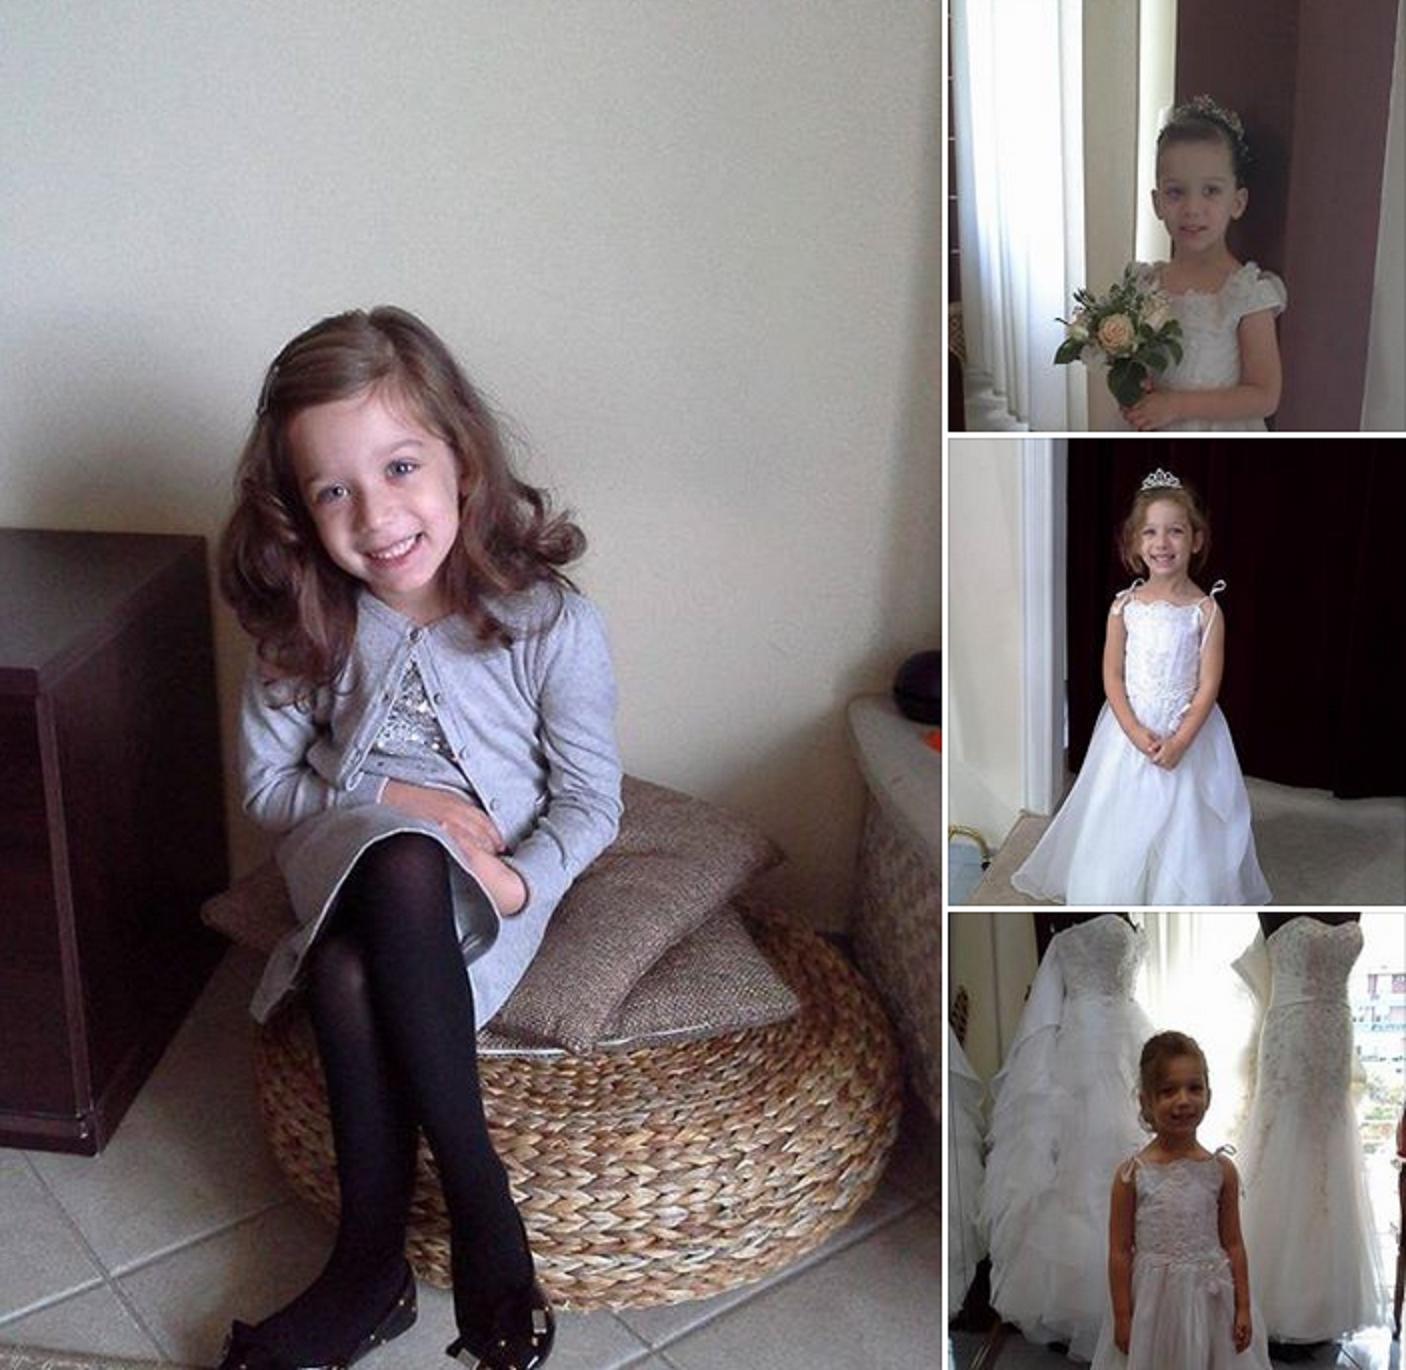 Έπιασαν την χήρα μητέρα 6 κοριτσιών να κλέβει πάνες και ρούχα για τα ... dffcd3edda3